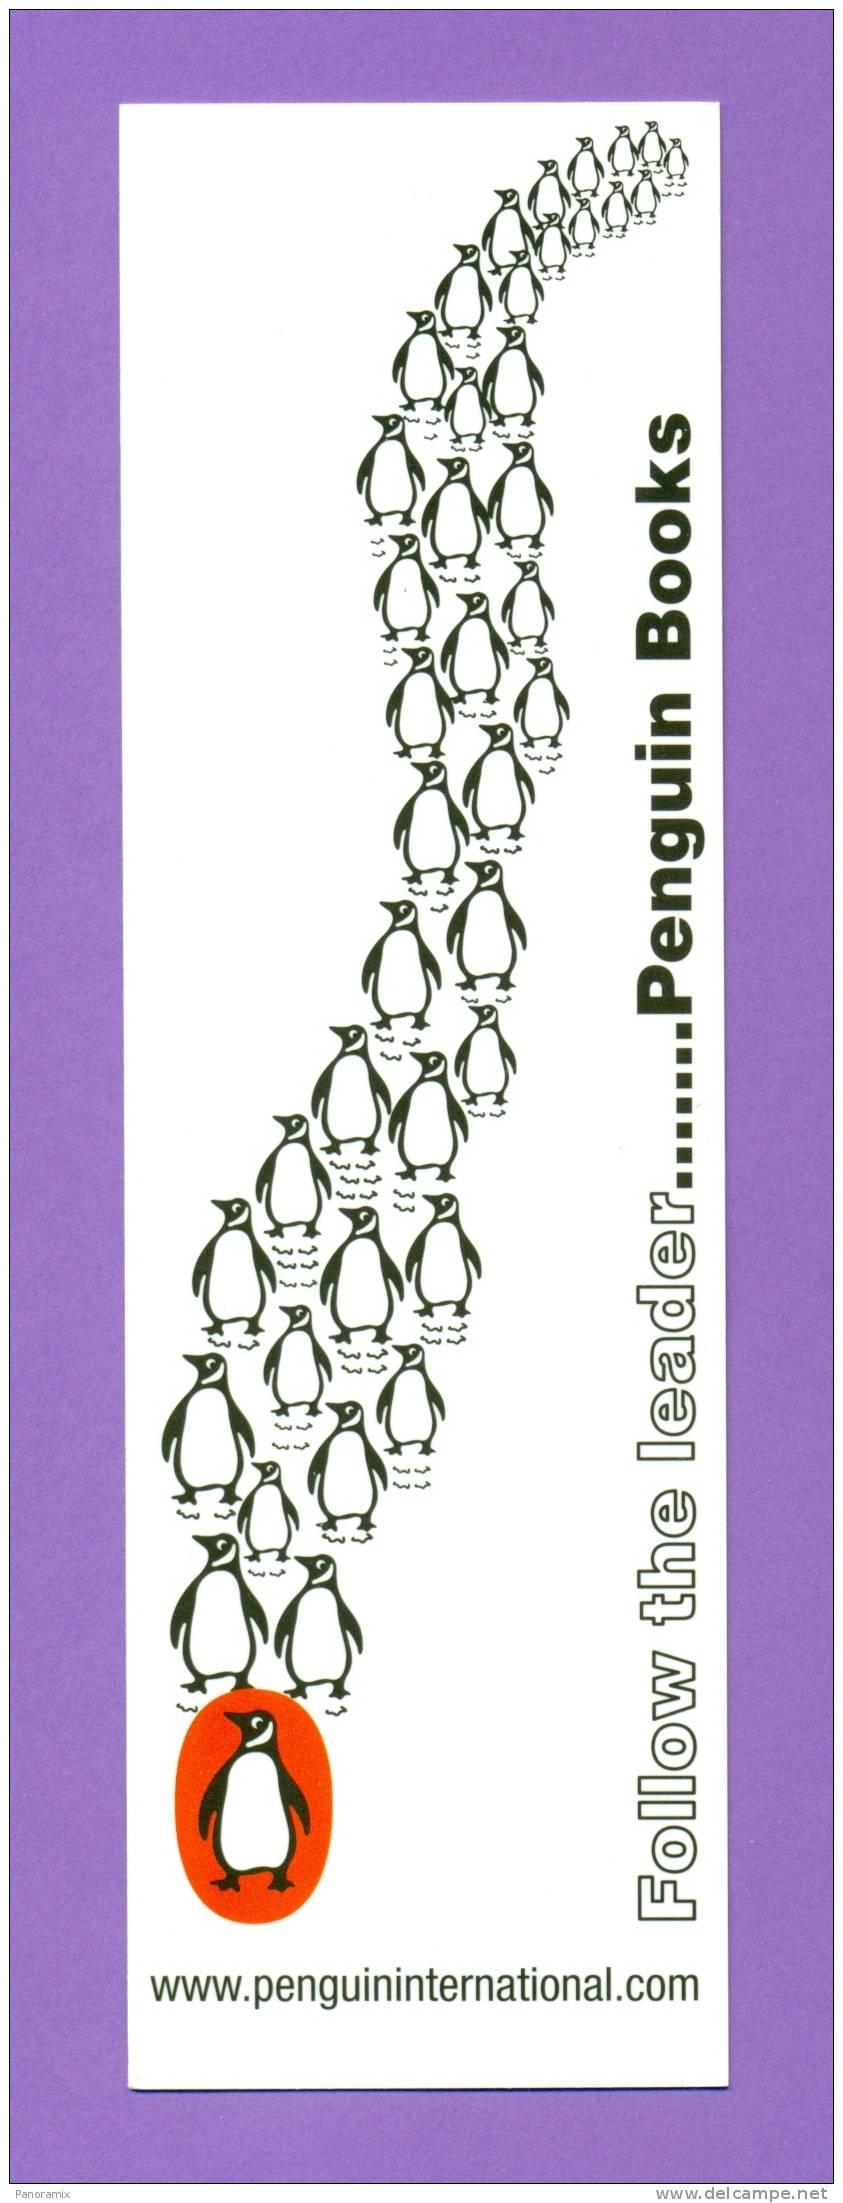 """Penguin  Books   """"  Une  Longue File  De  Pingouins  """"   5 X 17 Cm - Marque-Pages"""